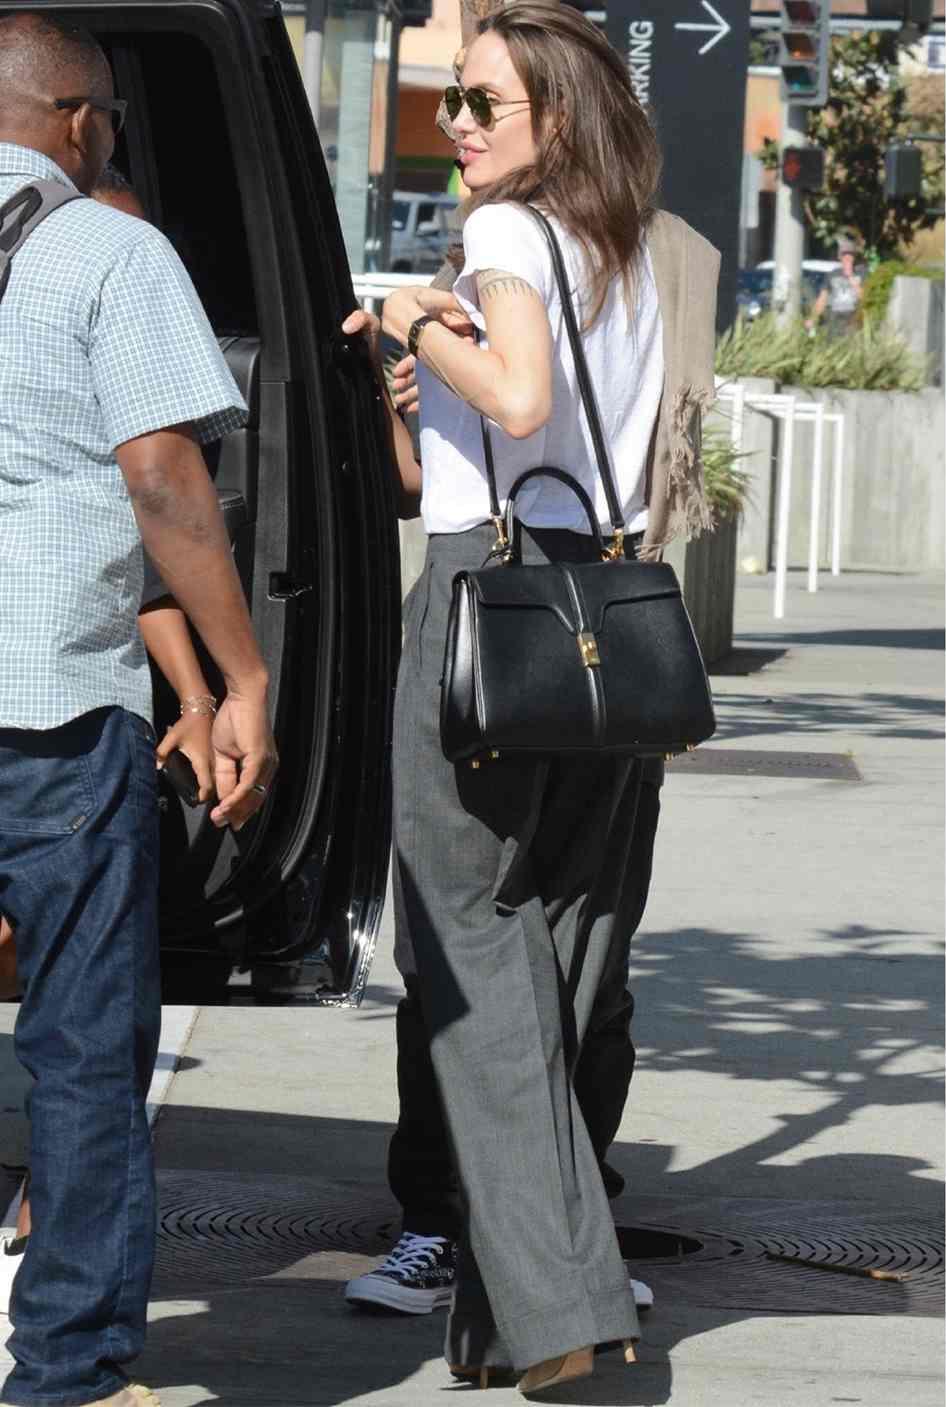 Và một tên tuổi khác với sức ảnh hưởng vô cùng khủng khiếp, Angelina Jolie, cũng đã xuống phố với túi xách 16 của Celine.